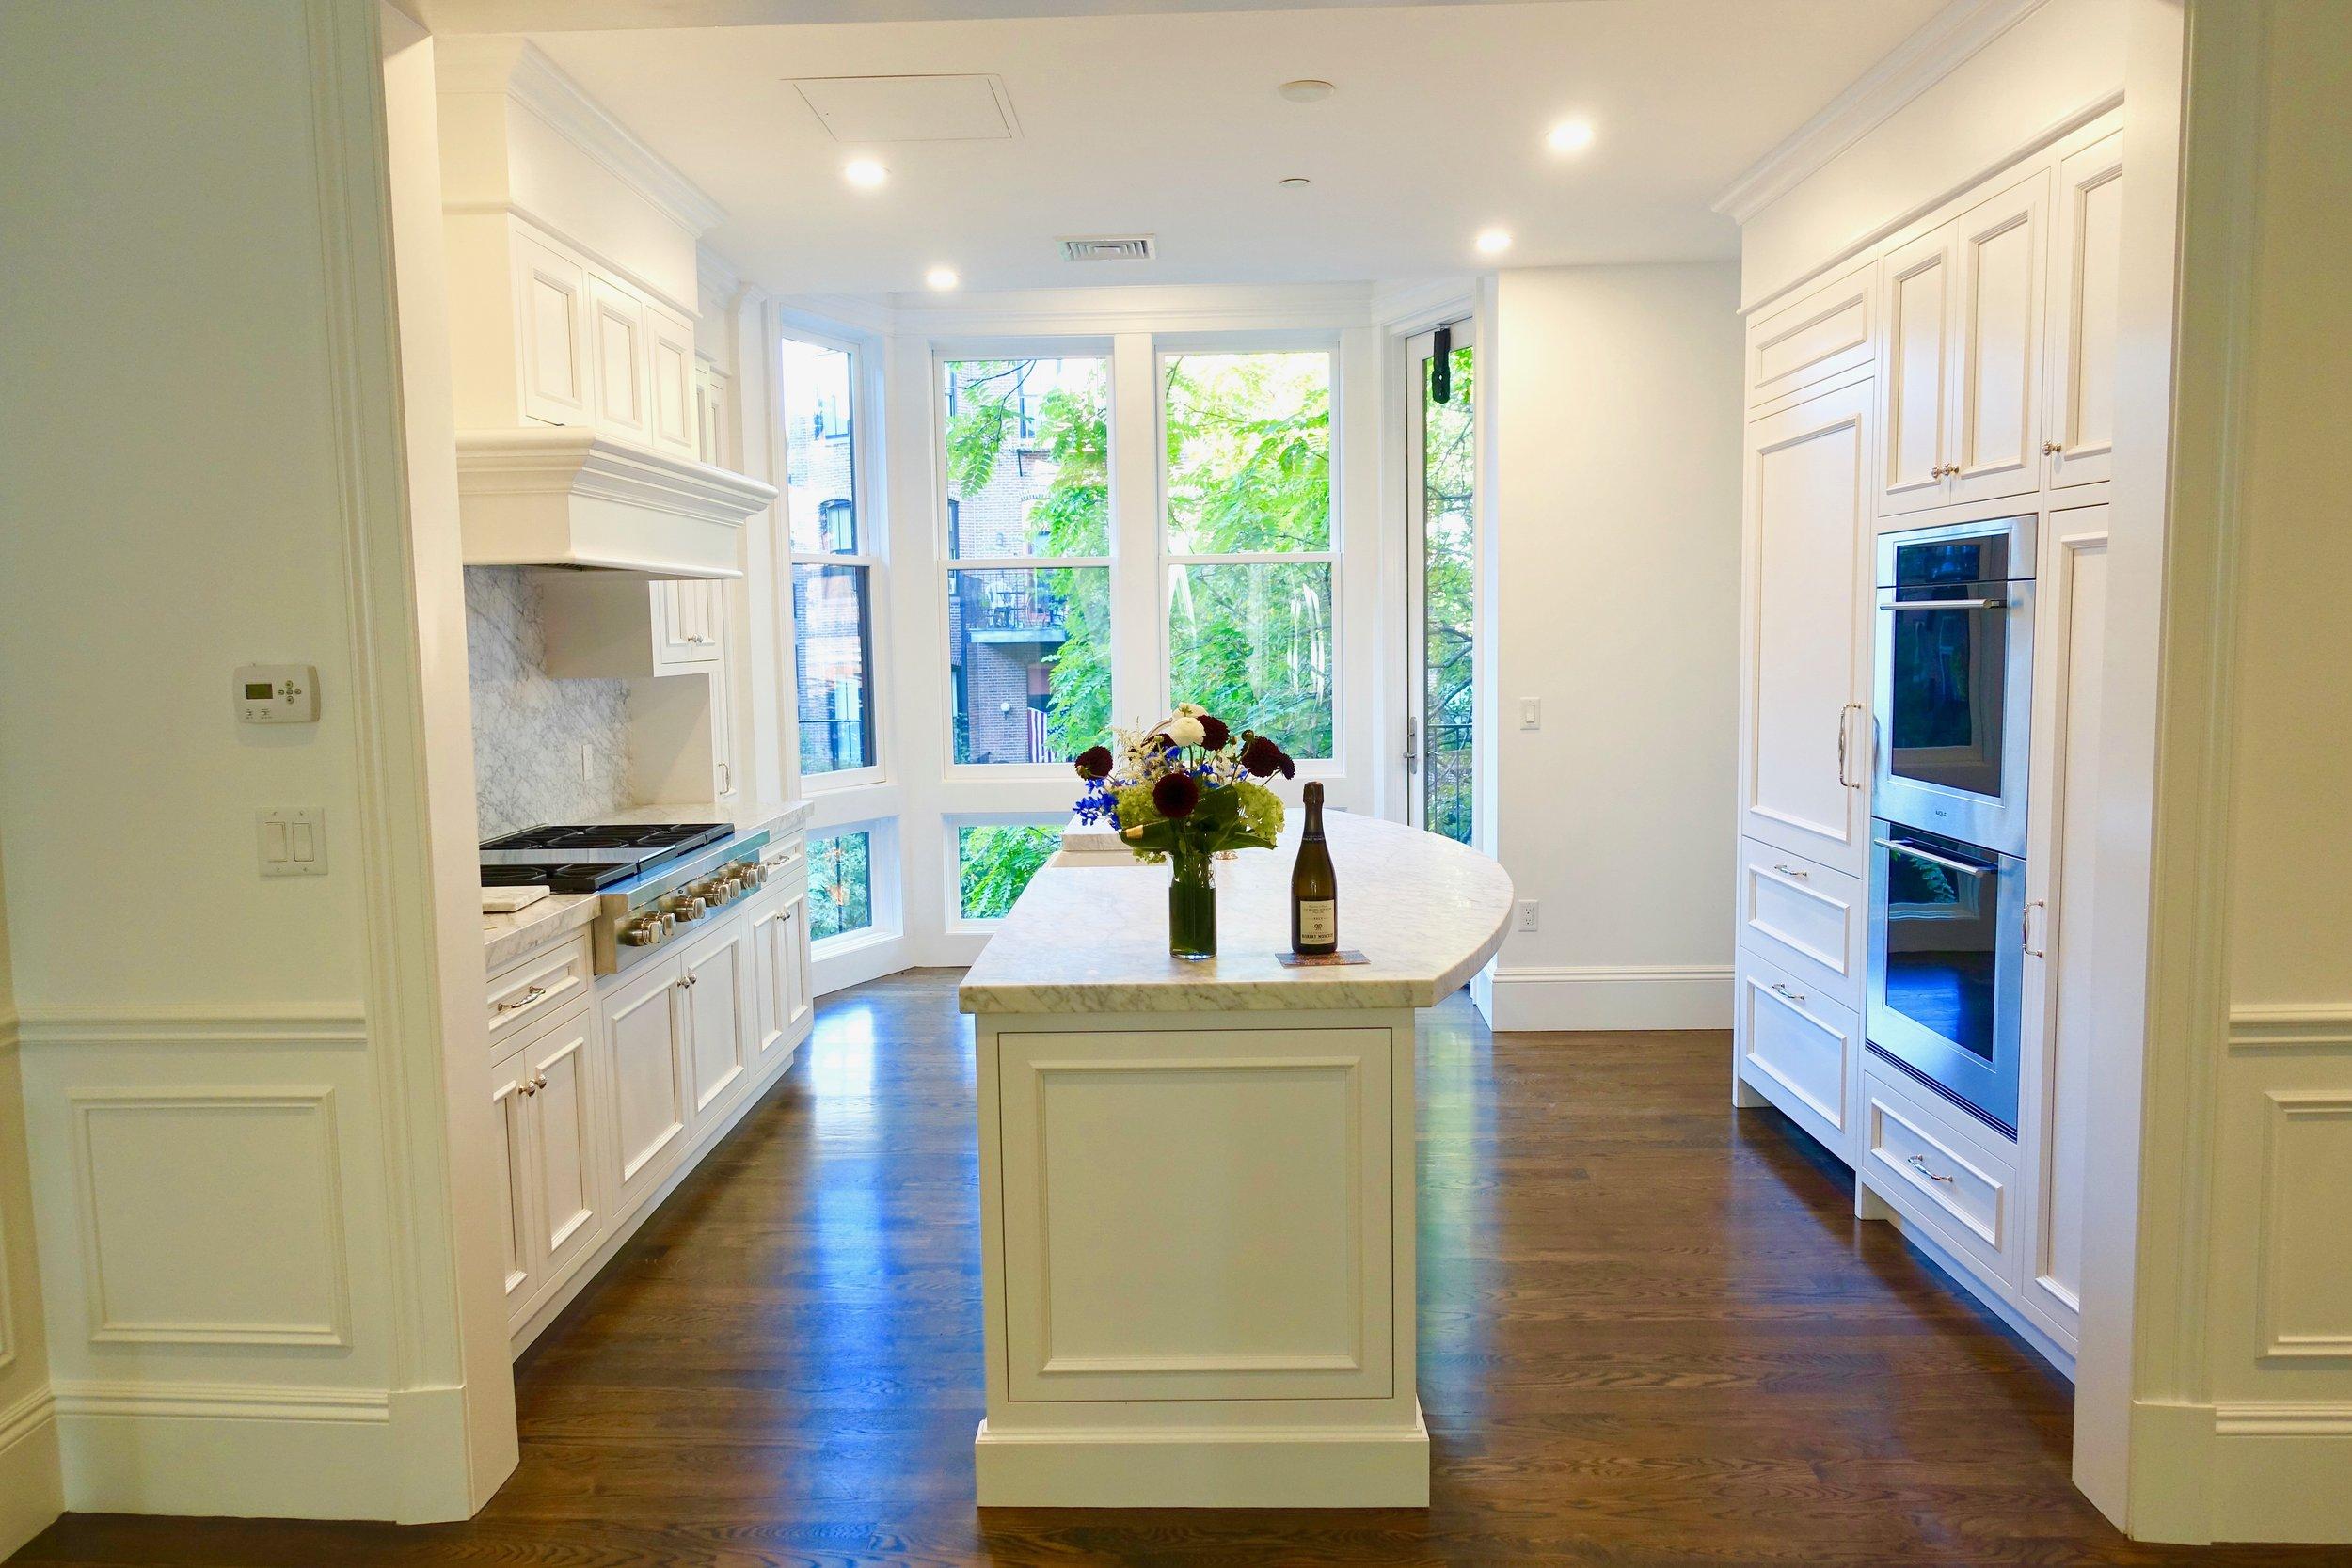 sold - 60 w. rutland - south end, boston - penthouse triplex w. 2 decks & 1 parking space - b.star